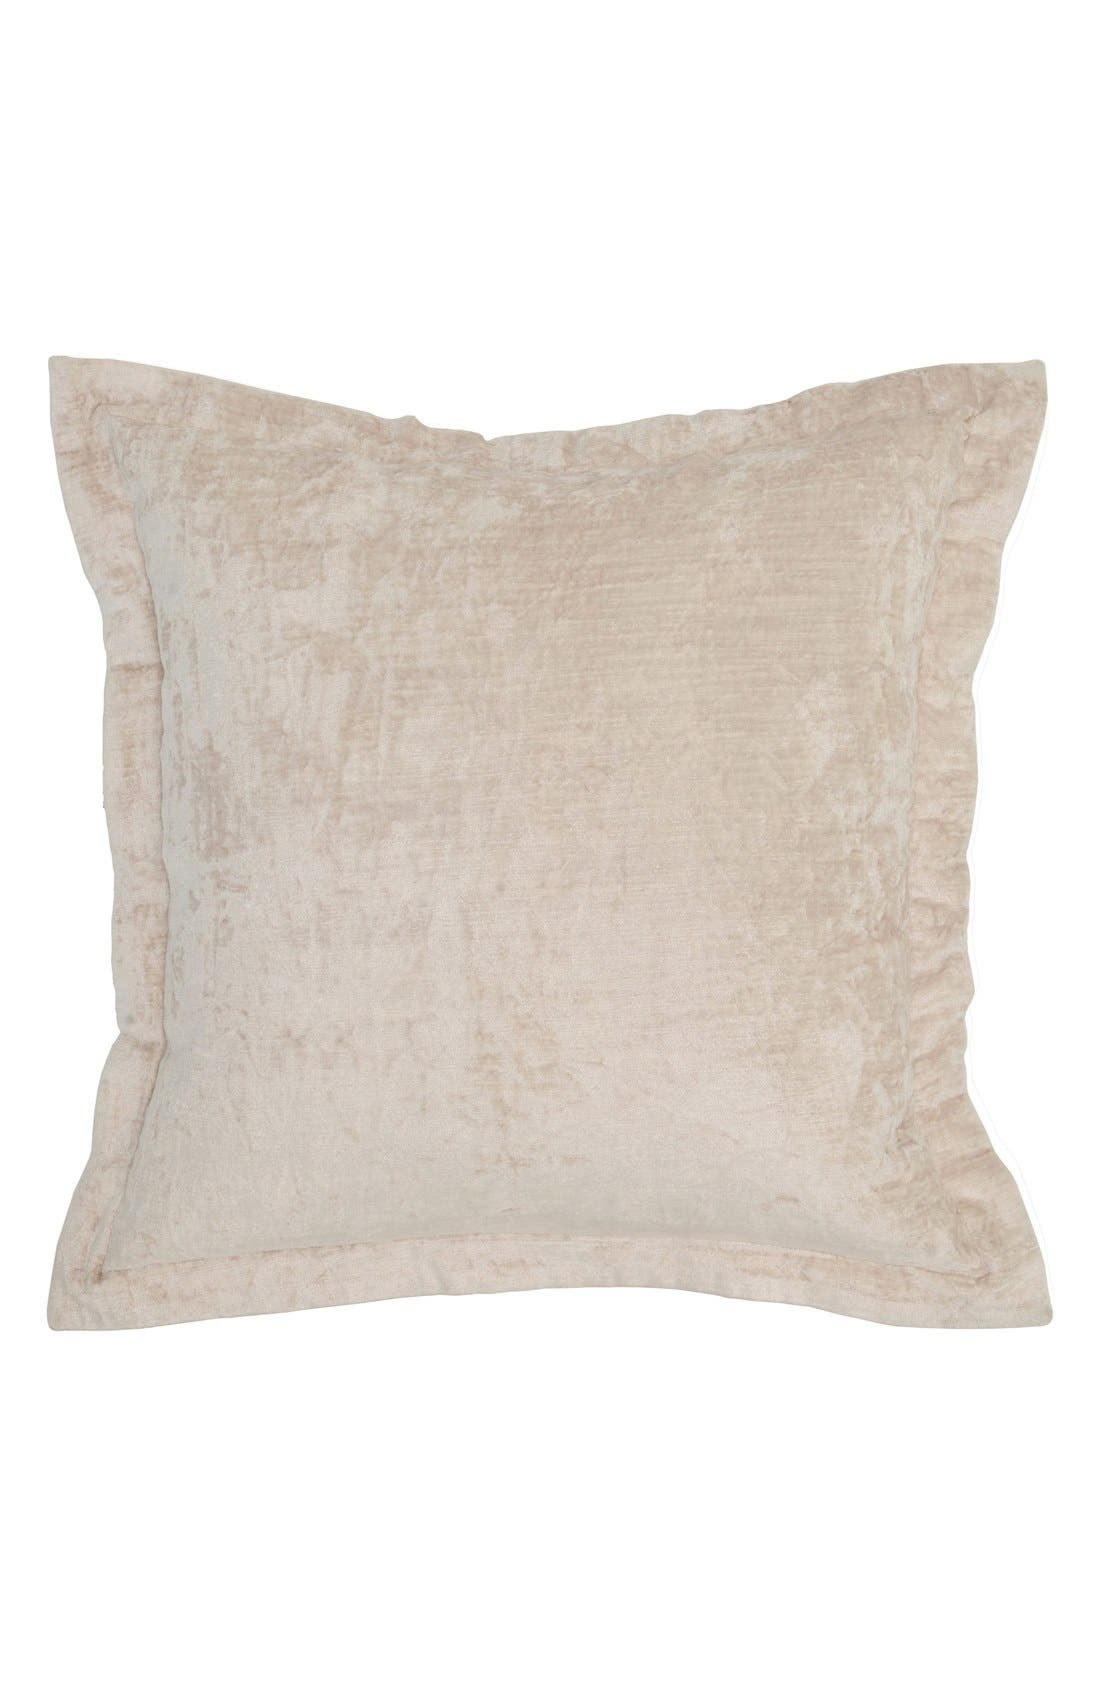 Villa Home Collection 'Lapis' Decorative Pillow